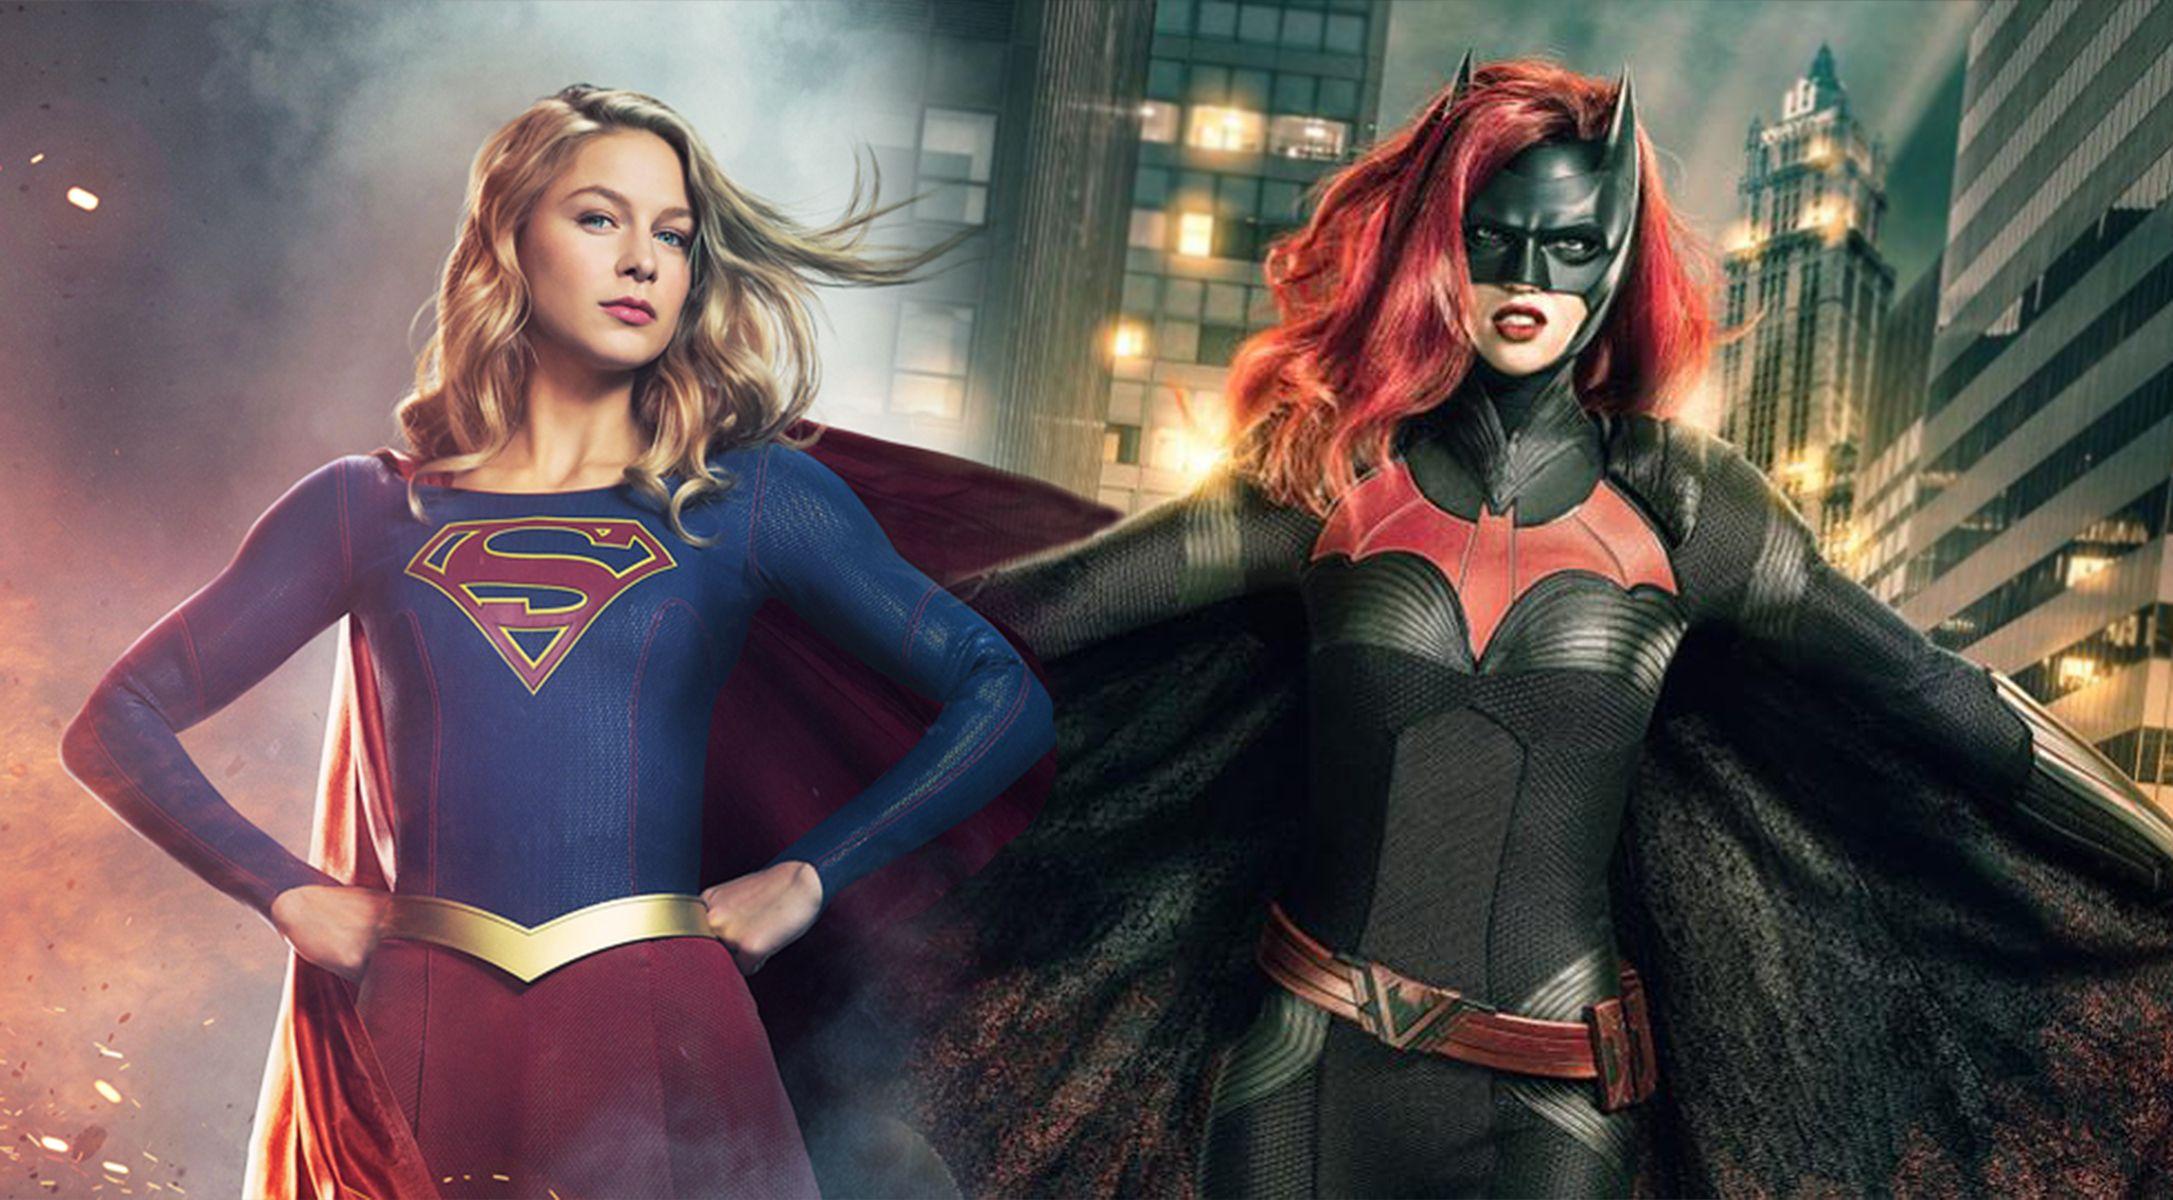 El Día de superheroínas: HBO estrena 'Batwoman' y 'Supergirl' 5